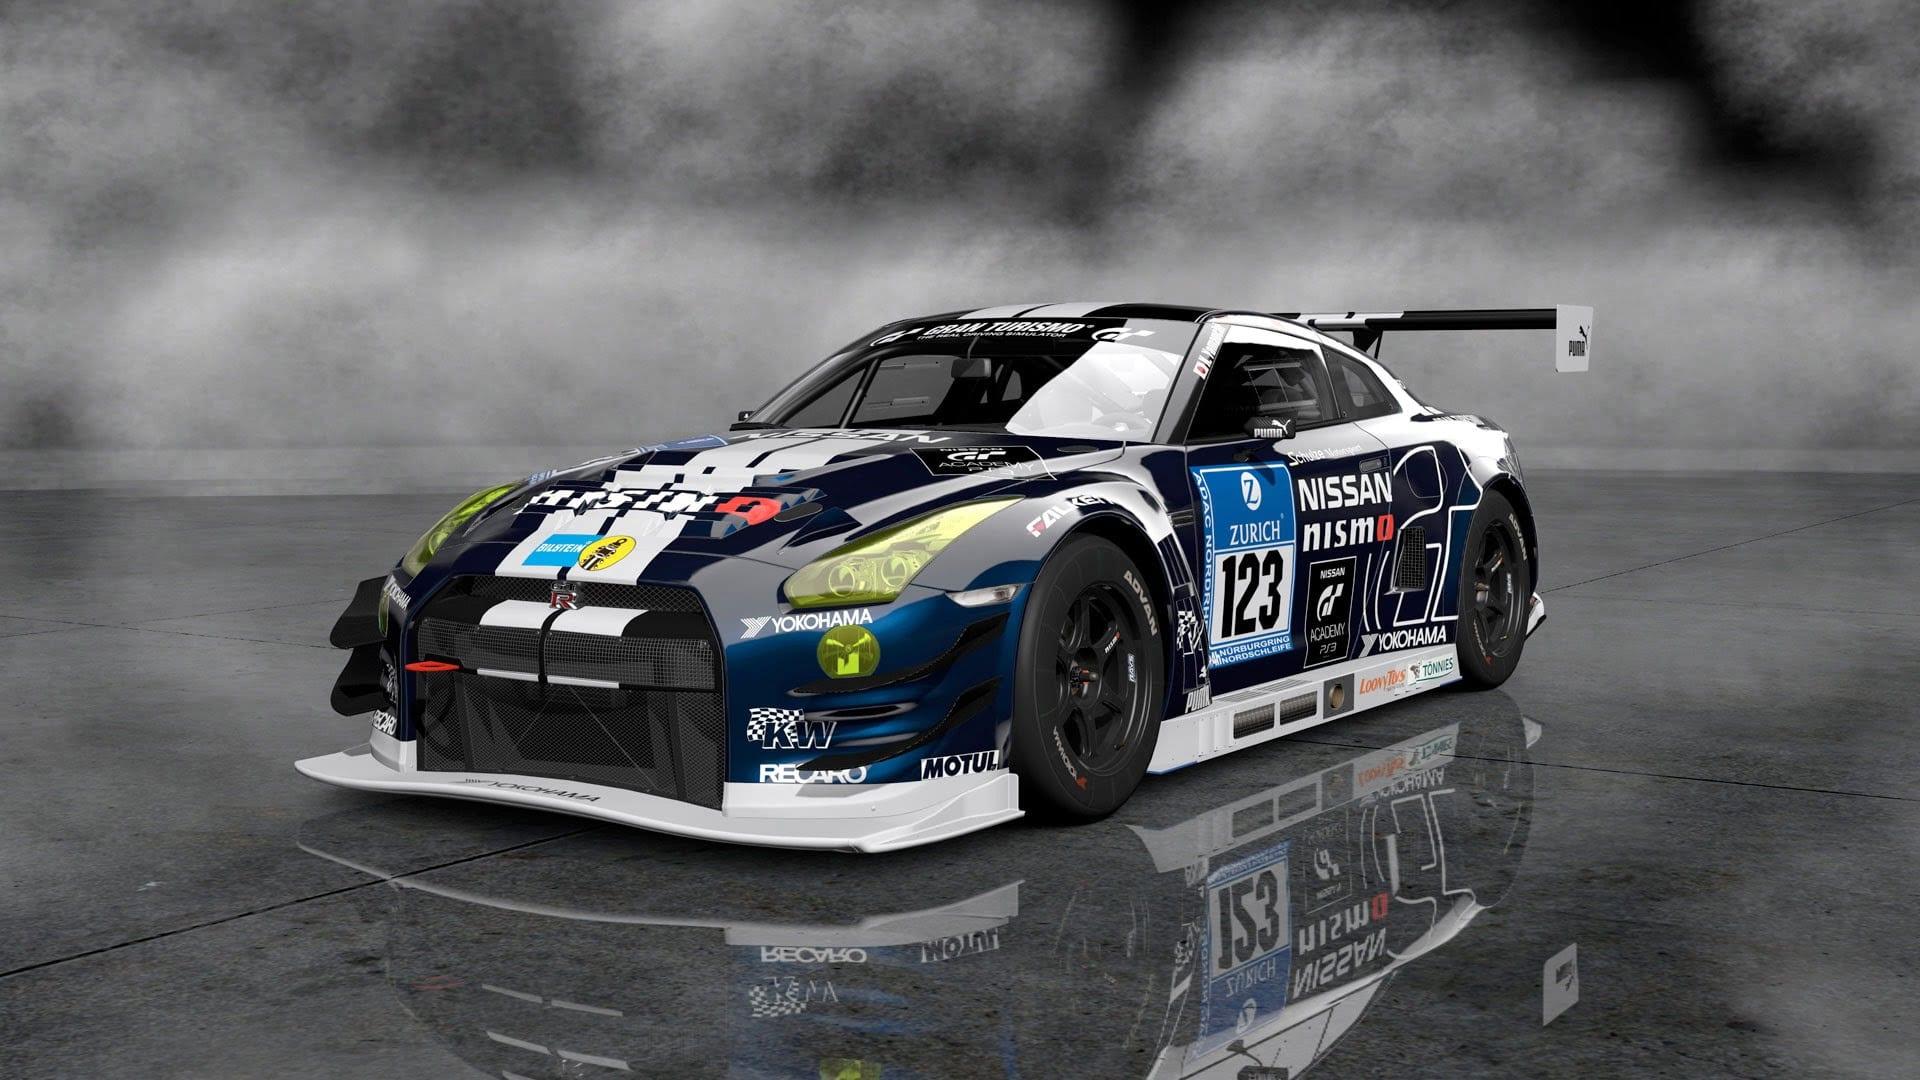 Настройка эмулятора RPCS3 для игры в Gran Turismo 6 [решение мигающего экрана и рассинхронизации]